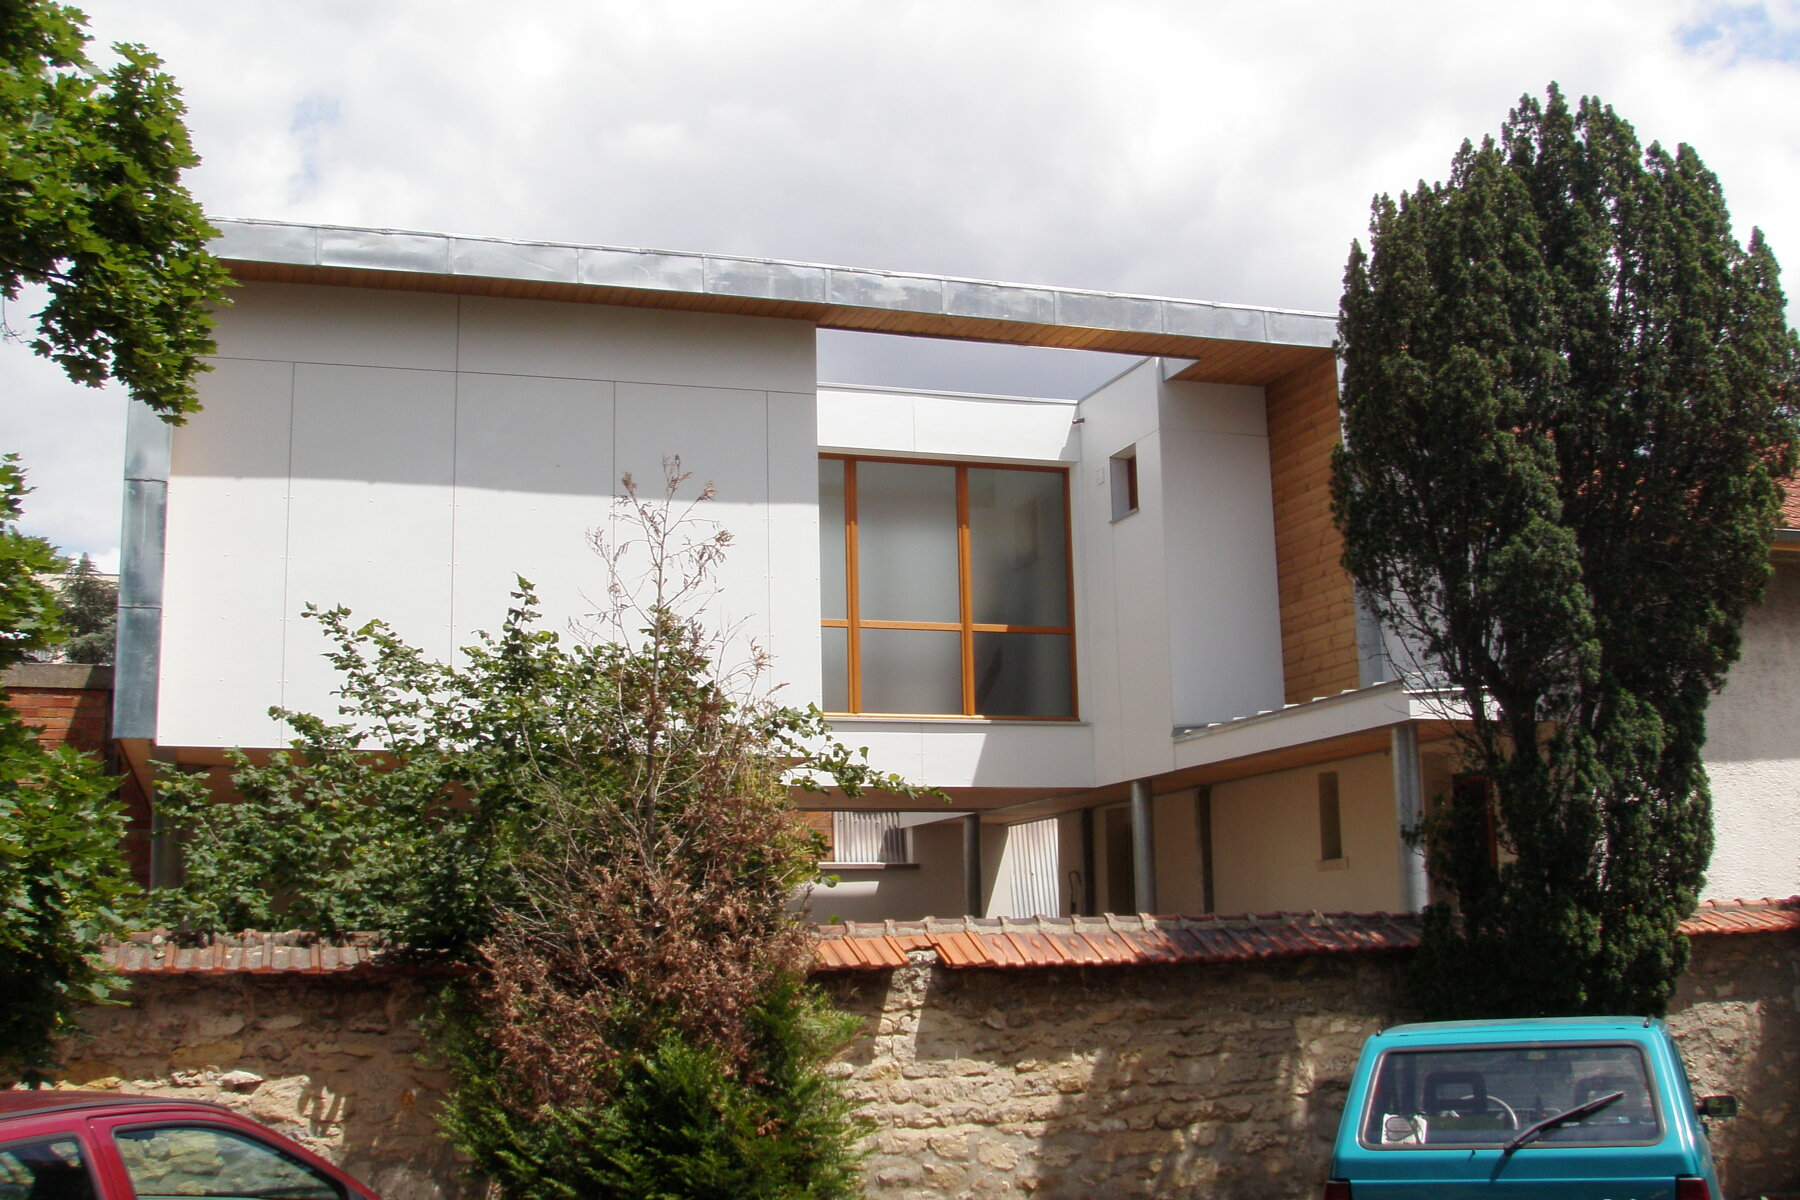 Couverture de P. Cros architecte